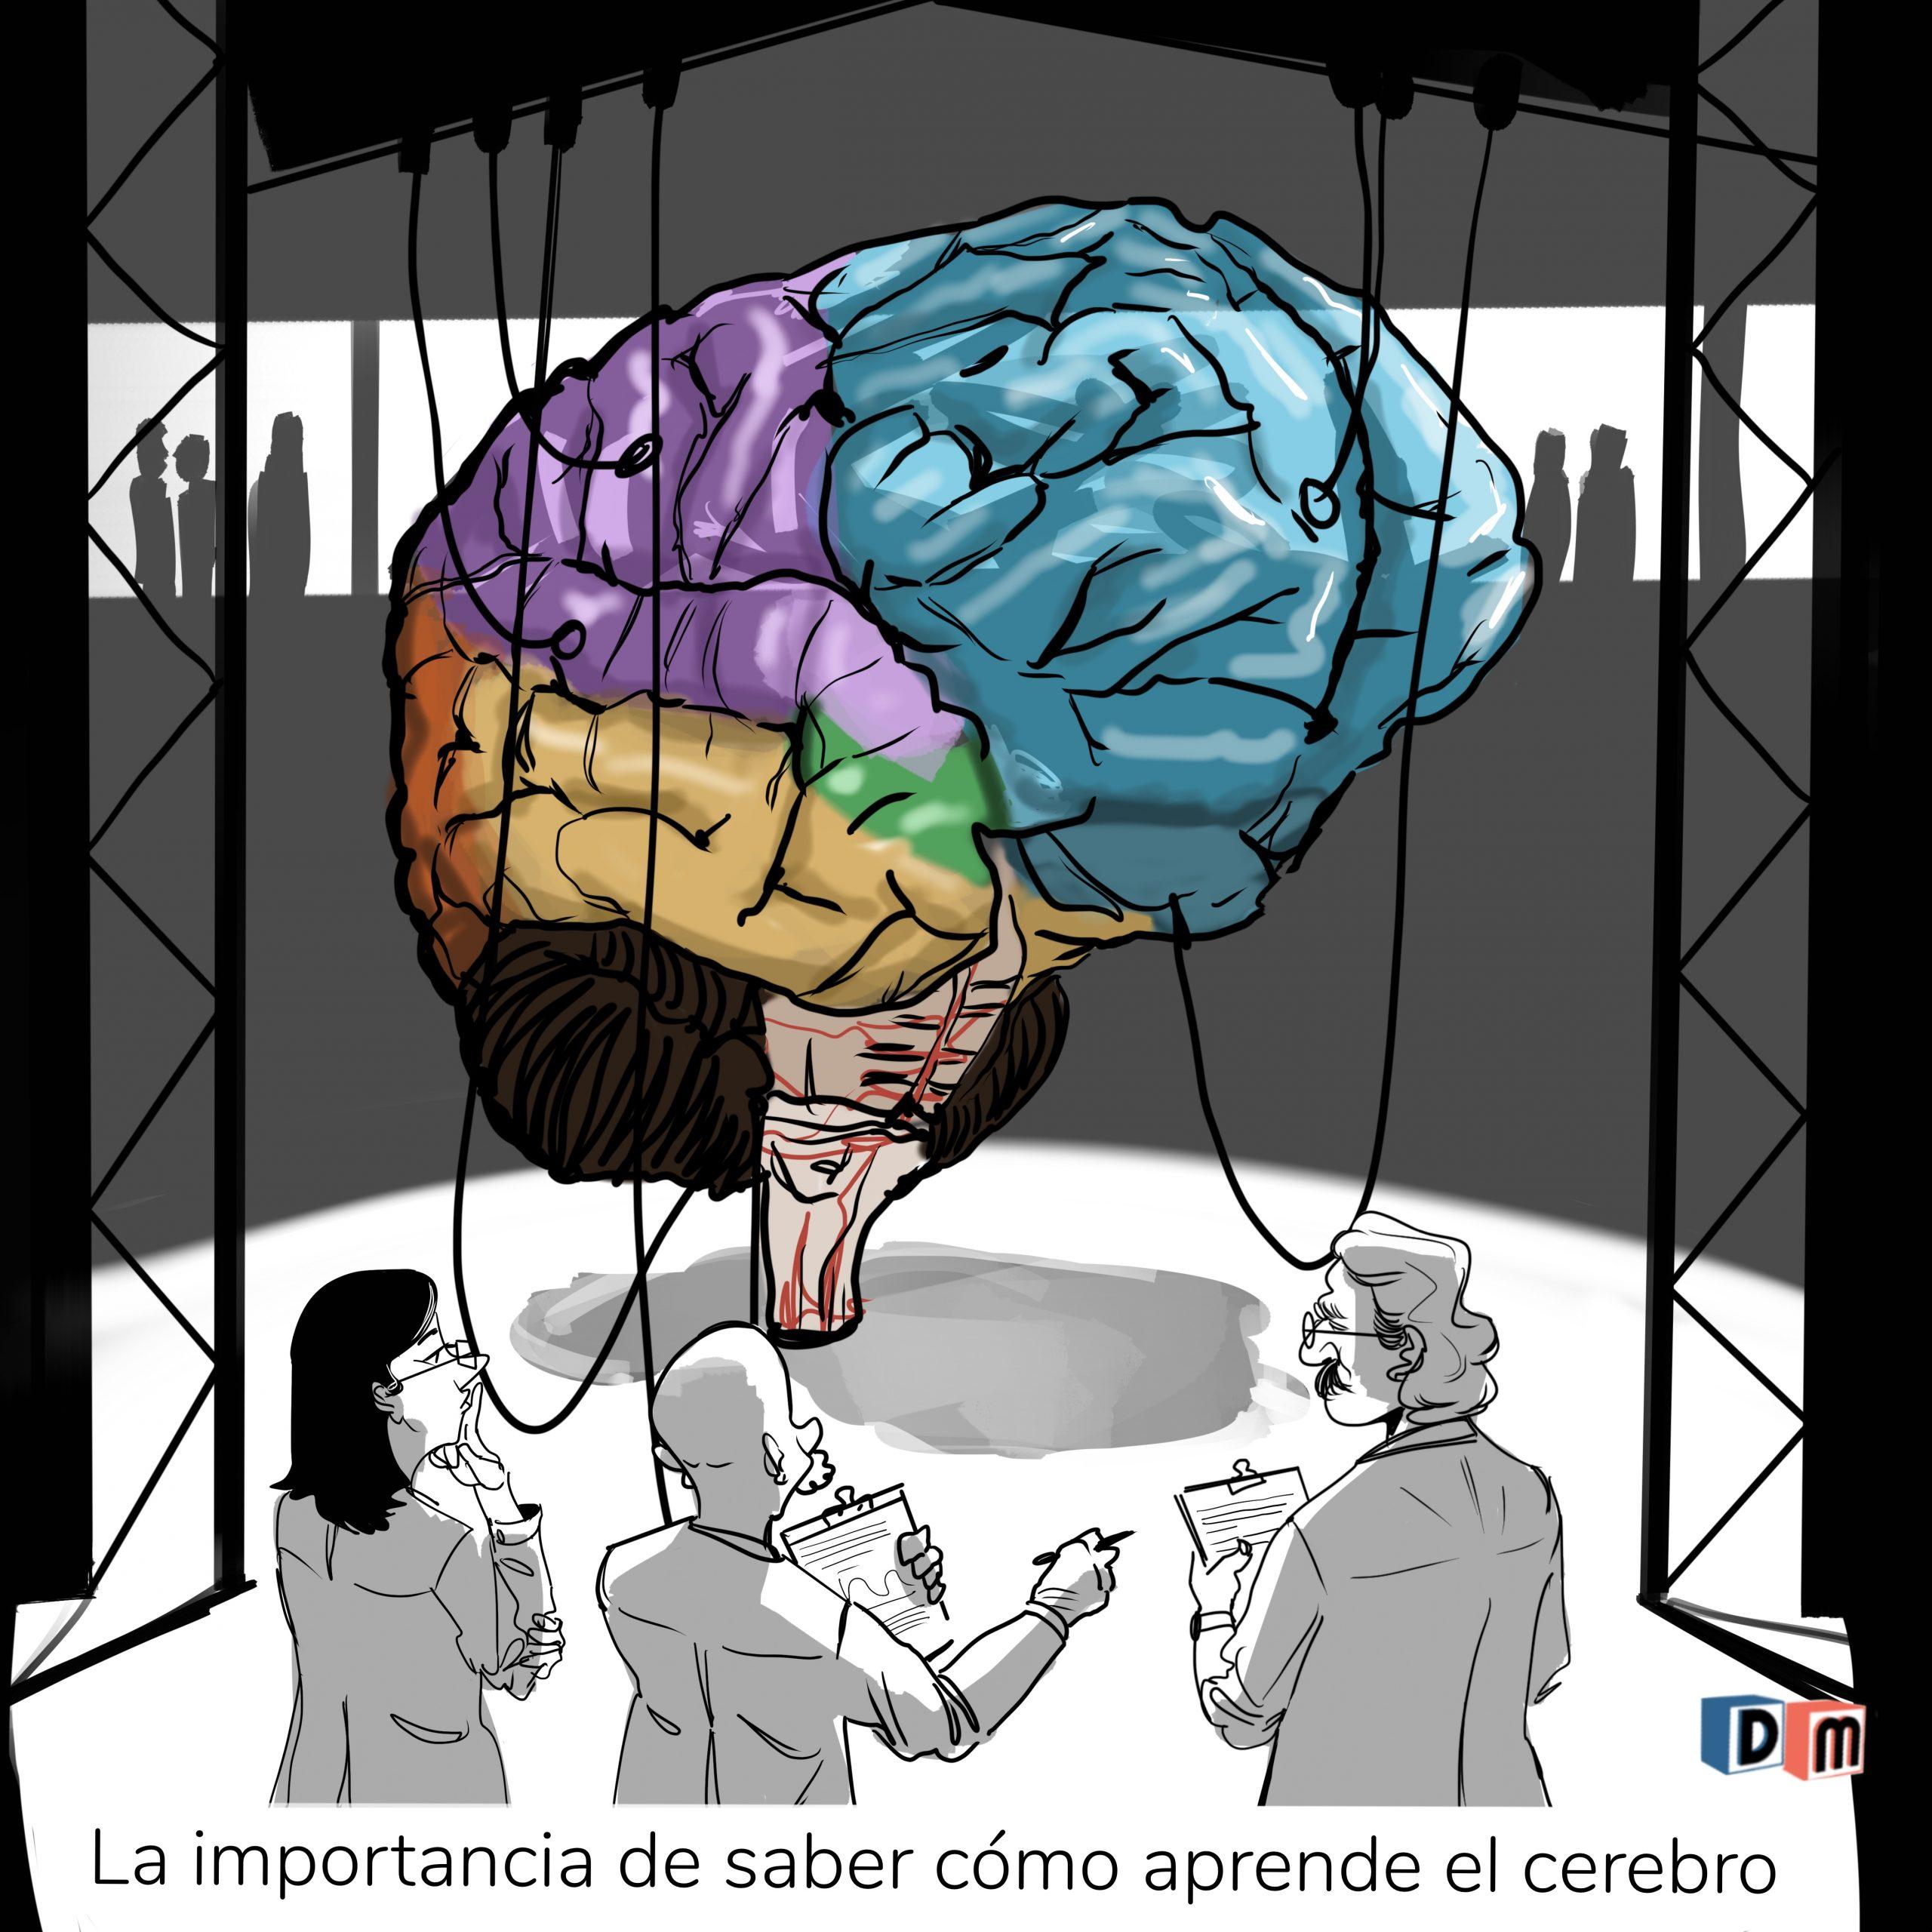 David Mora_Viñeta 18_La importancia de saber cómo aprende el cerebro